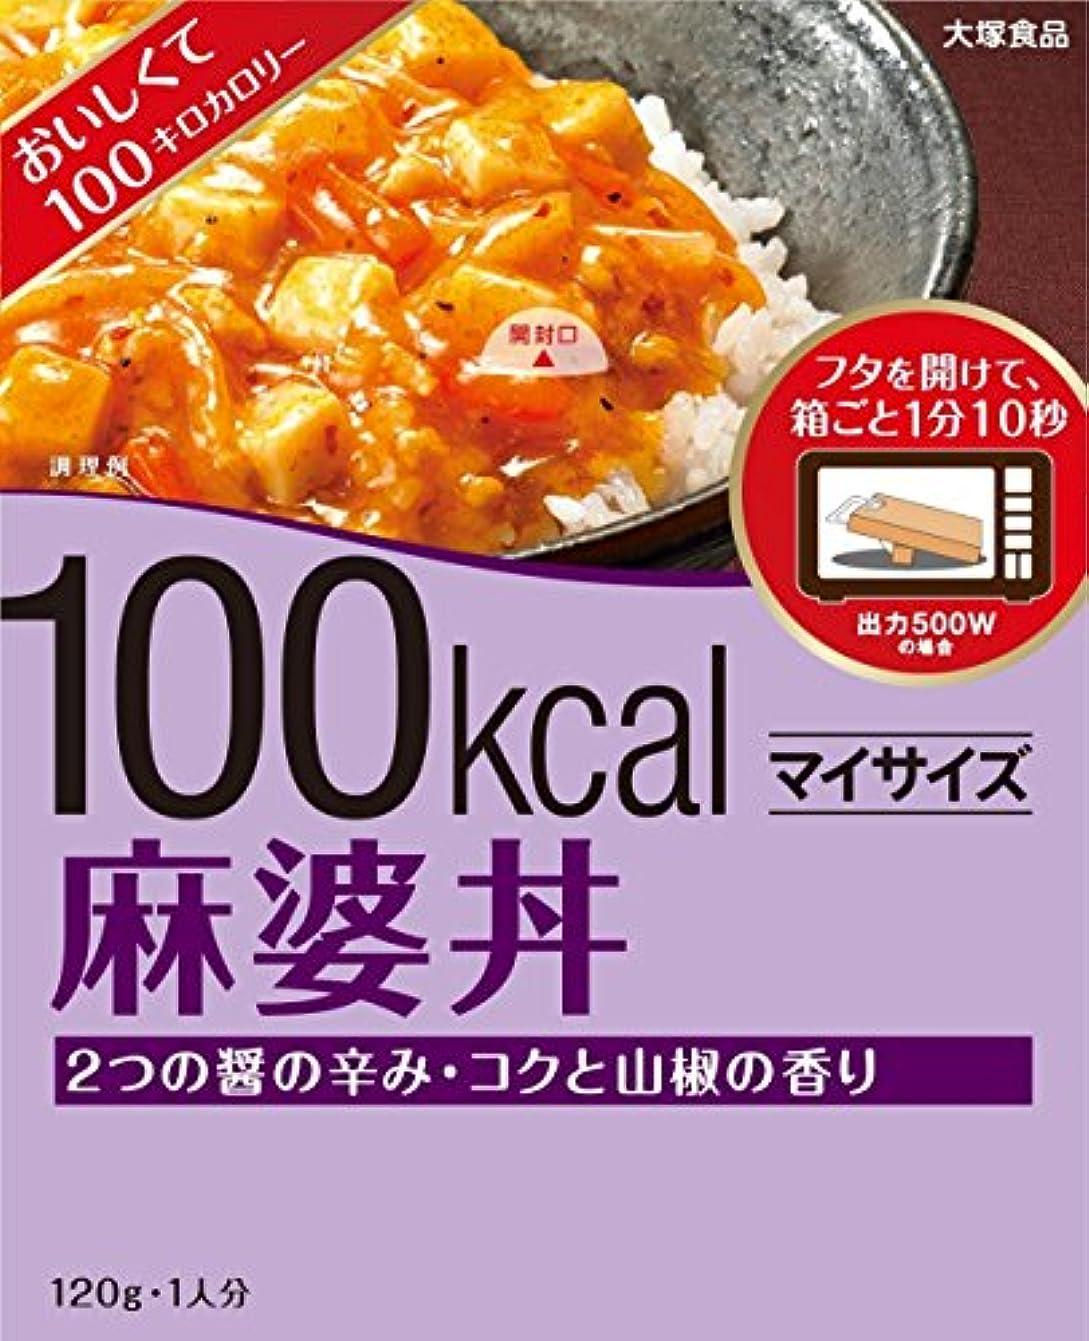 影響力のある不明瞭やめる大塚 マイサイズ 麻婆丼 120g【5個セット】